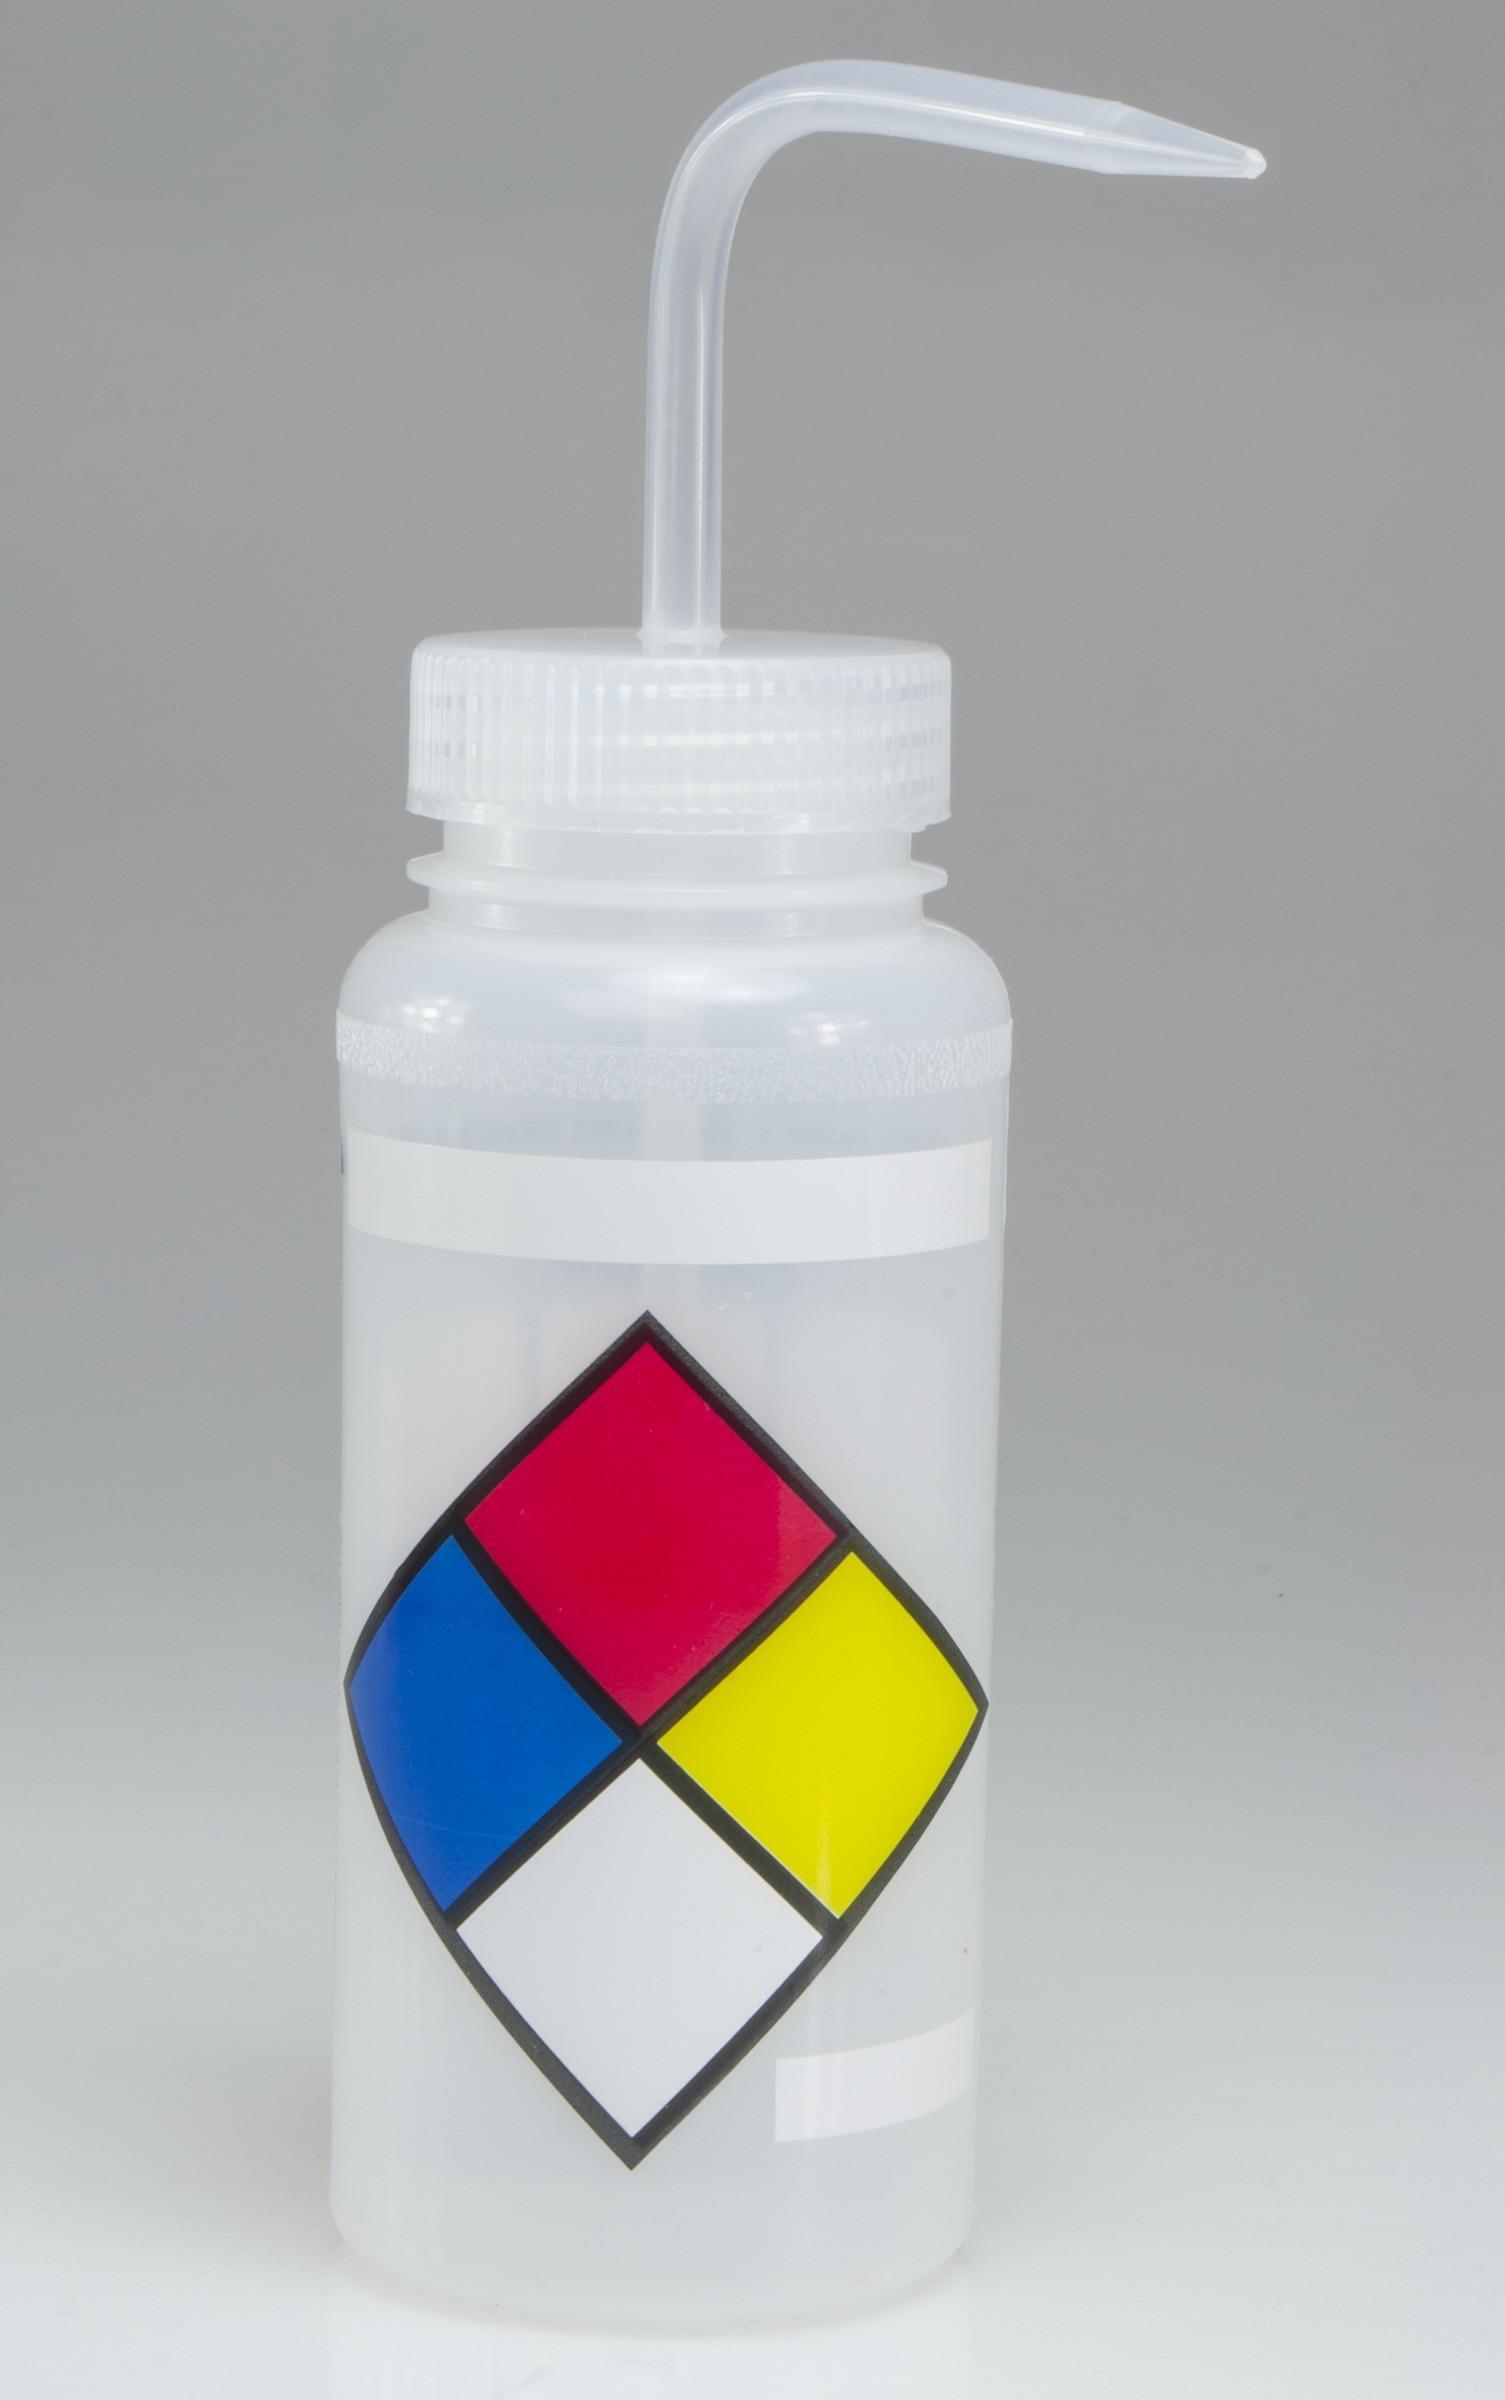 SP Bel-Art Safety-Labeled 4-Color LYOB Wide-Mouth Wash Bottles; 500ml (16oz), Polyethylene w/Natural Polypropylene Cap (Pack of 4)